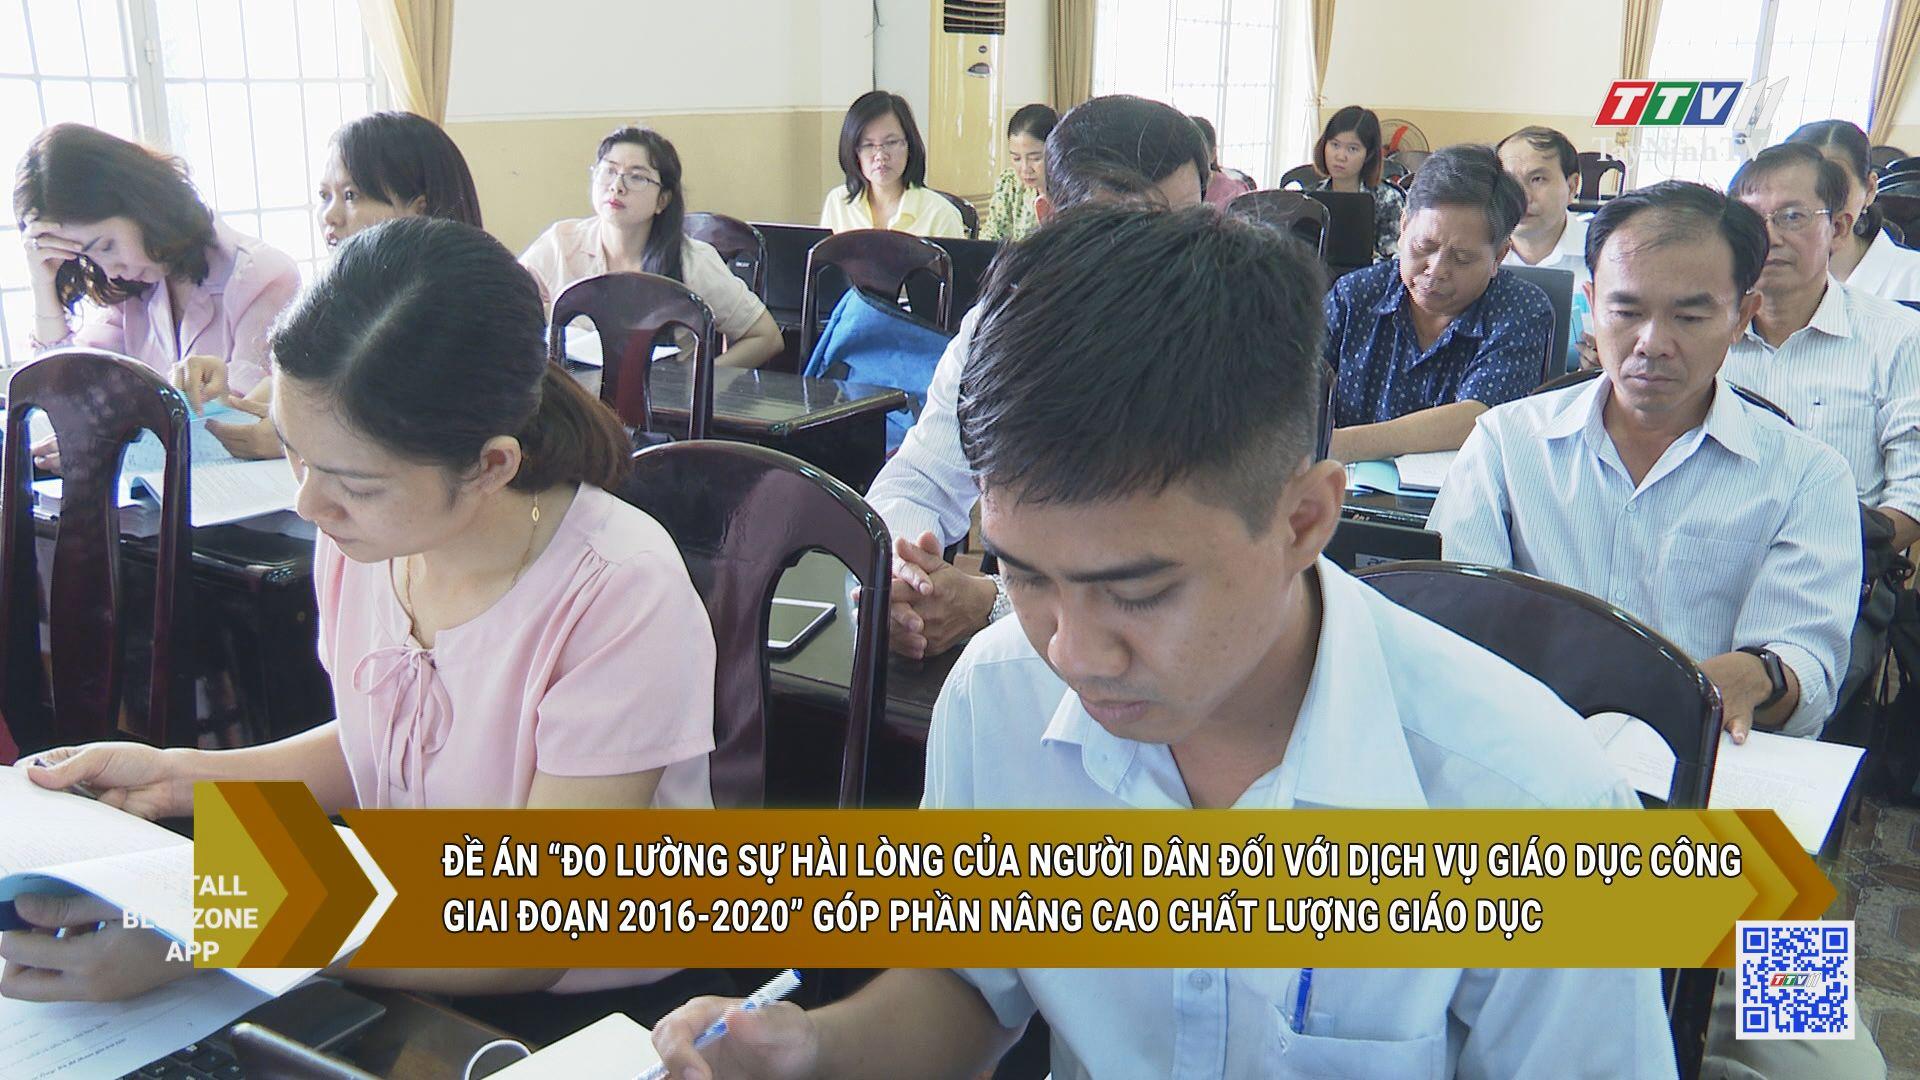 Đề án đo lường sự hài lòng của người dân đối với dịch vụ giáo dục công giai đoạn 2016-2020 góp phần nâng cao chất lượng giáo dục | GIÁO DỤC ĐÀO TẠO | TayNinhTV